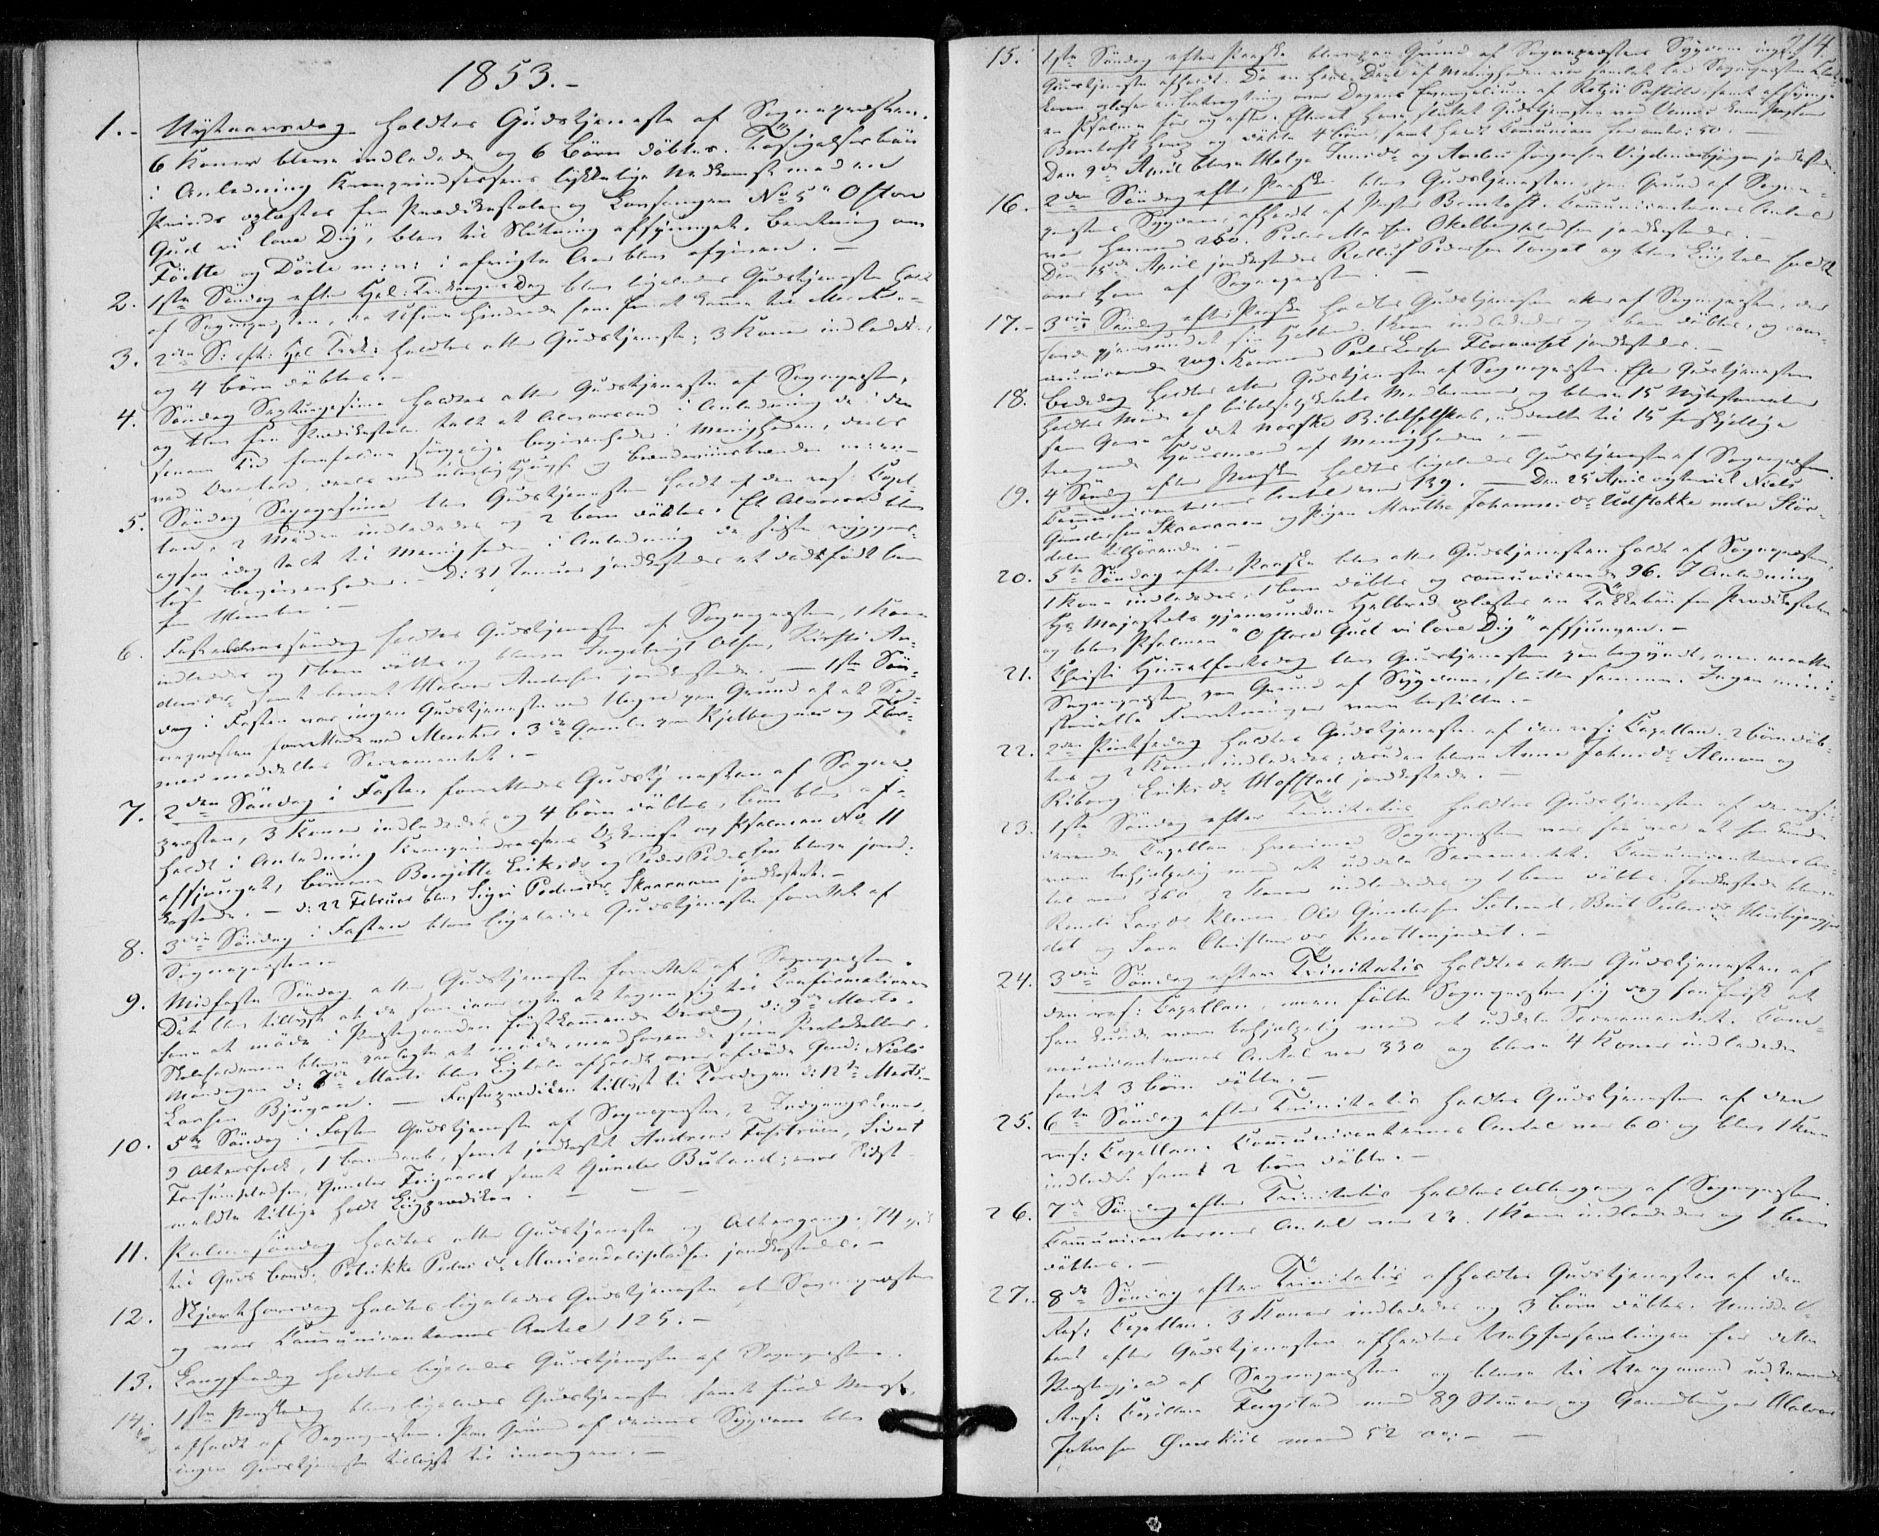 SAT, Ministerialprotokoller, klokkerbøker og fødselsregistre - Nord-Trøndelag, 703/L0028: Ministerialbok nr. 703A01, 1850-1862, s. 214